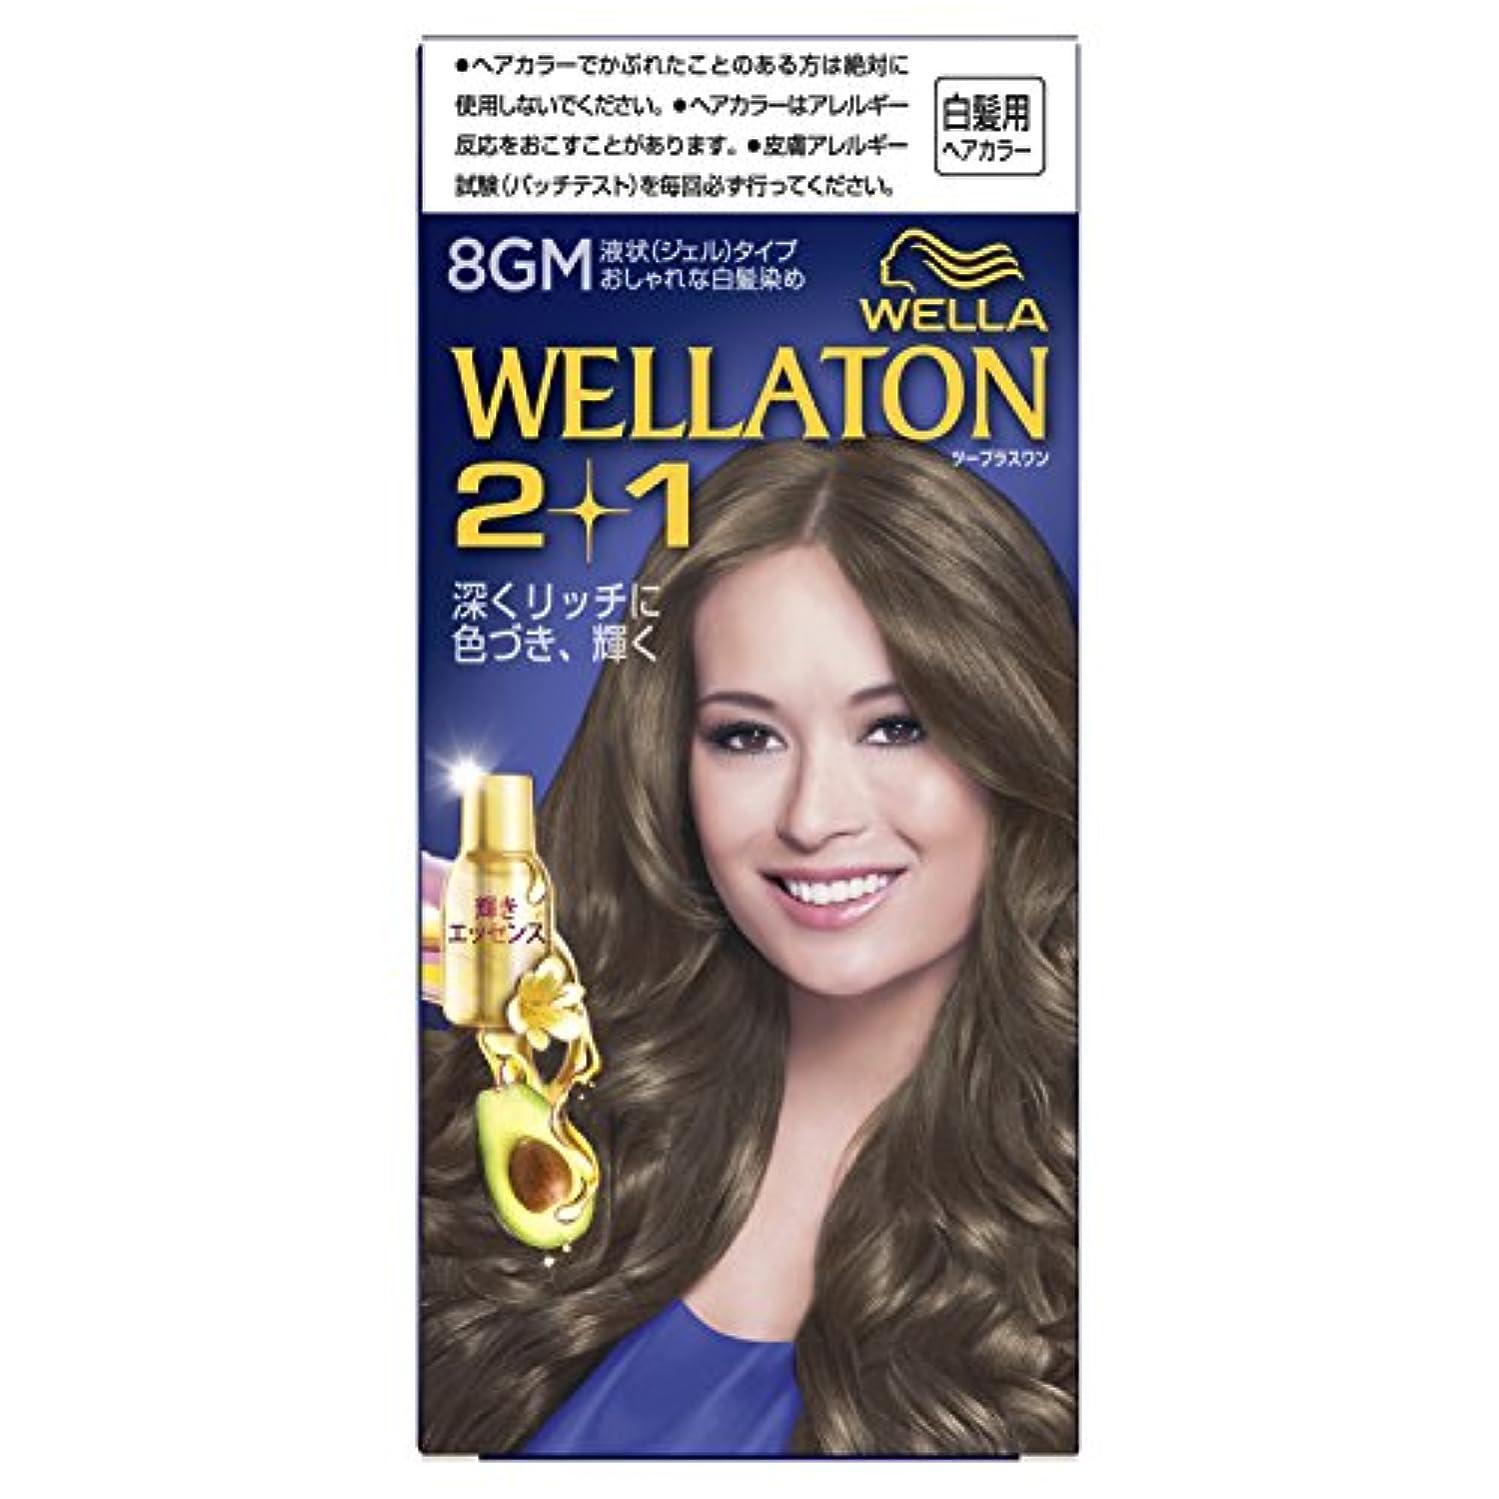 区エイリアス棚ウエラトーン2+1 液状タイプ 8GM [医薬部外品](おしゃれな白髪染め)